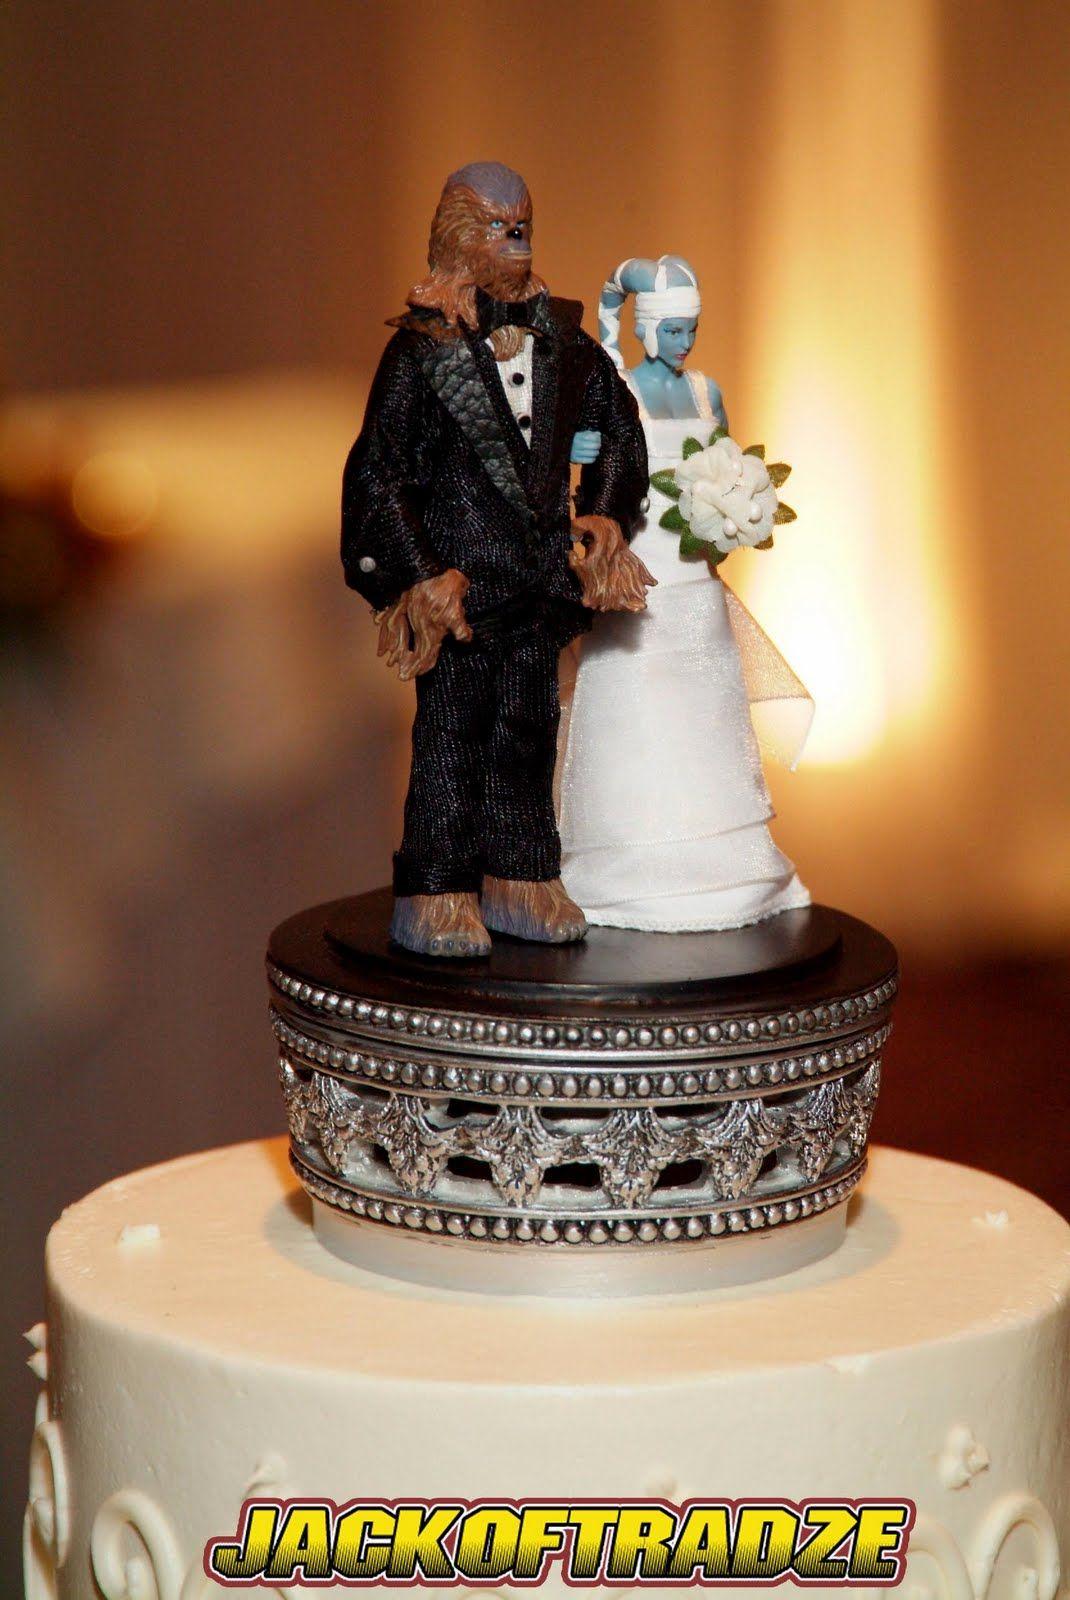 wedding ring cake topper Star Wars cake topper haha Amanda Snelson Bordine